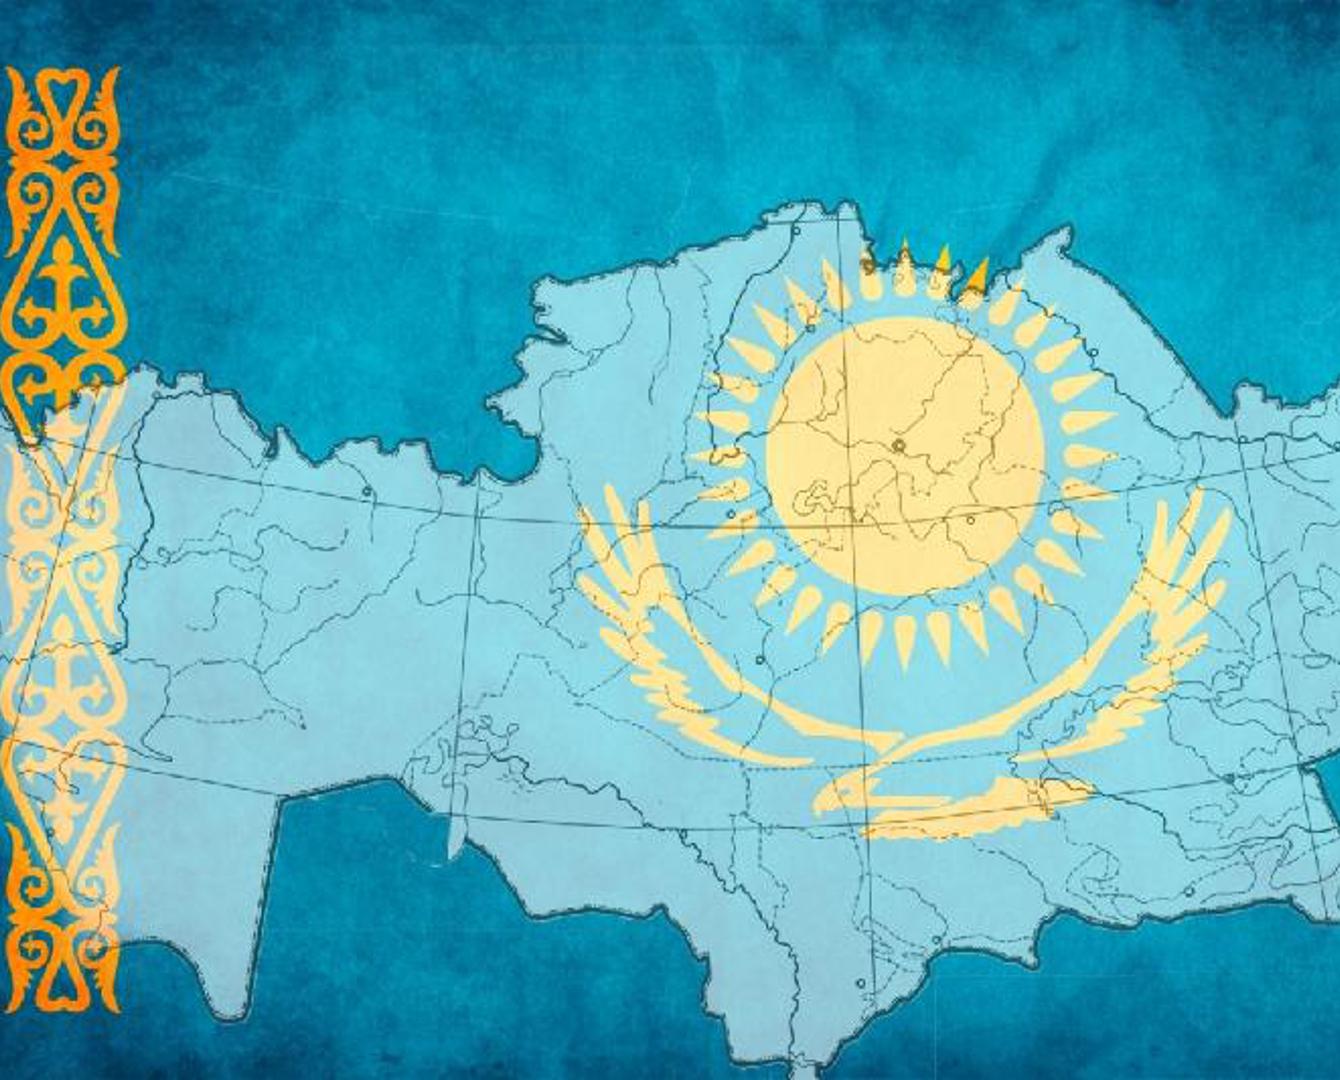 Решение оставить 26 статью Конституции без изменений одобрили ученые Казахстана